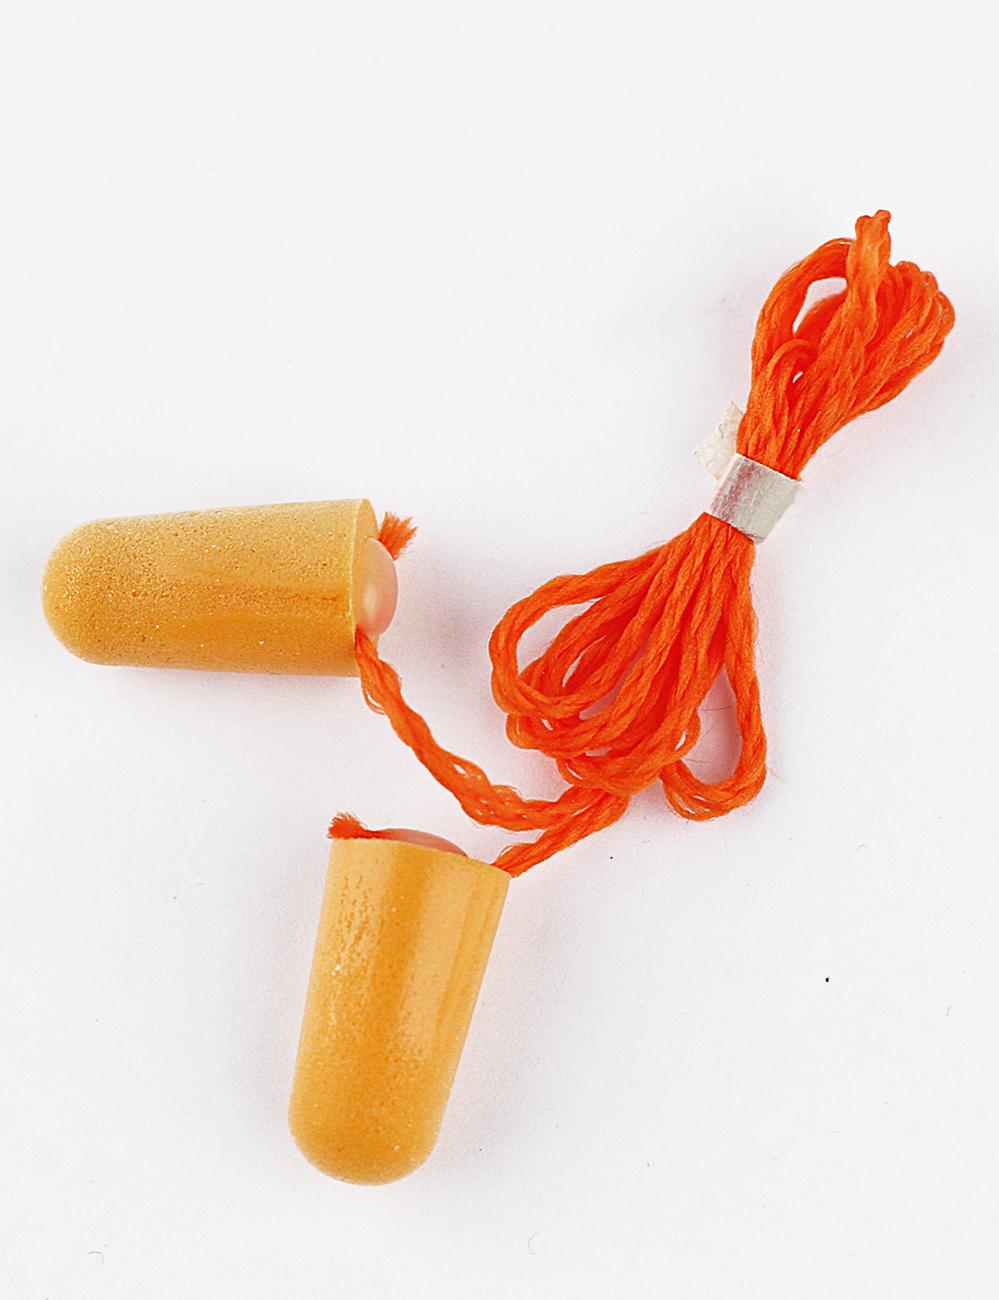 Беруши одноразовые 3М-1110 со шнуром 34дБ (DT999928419)